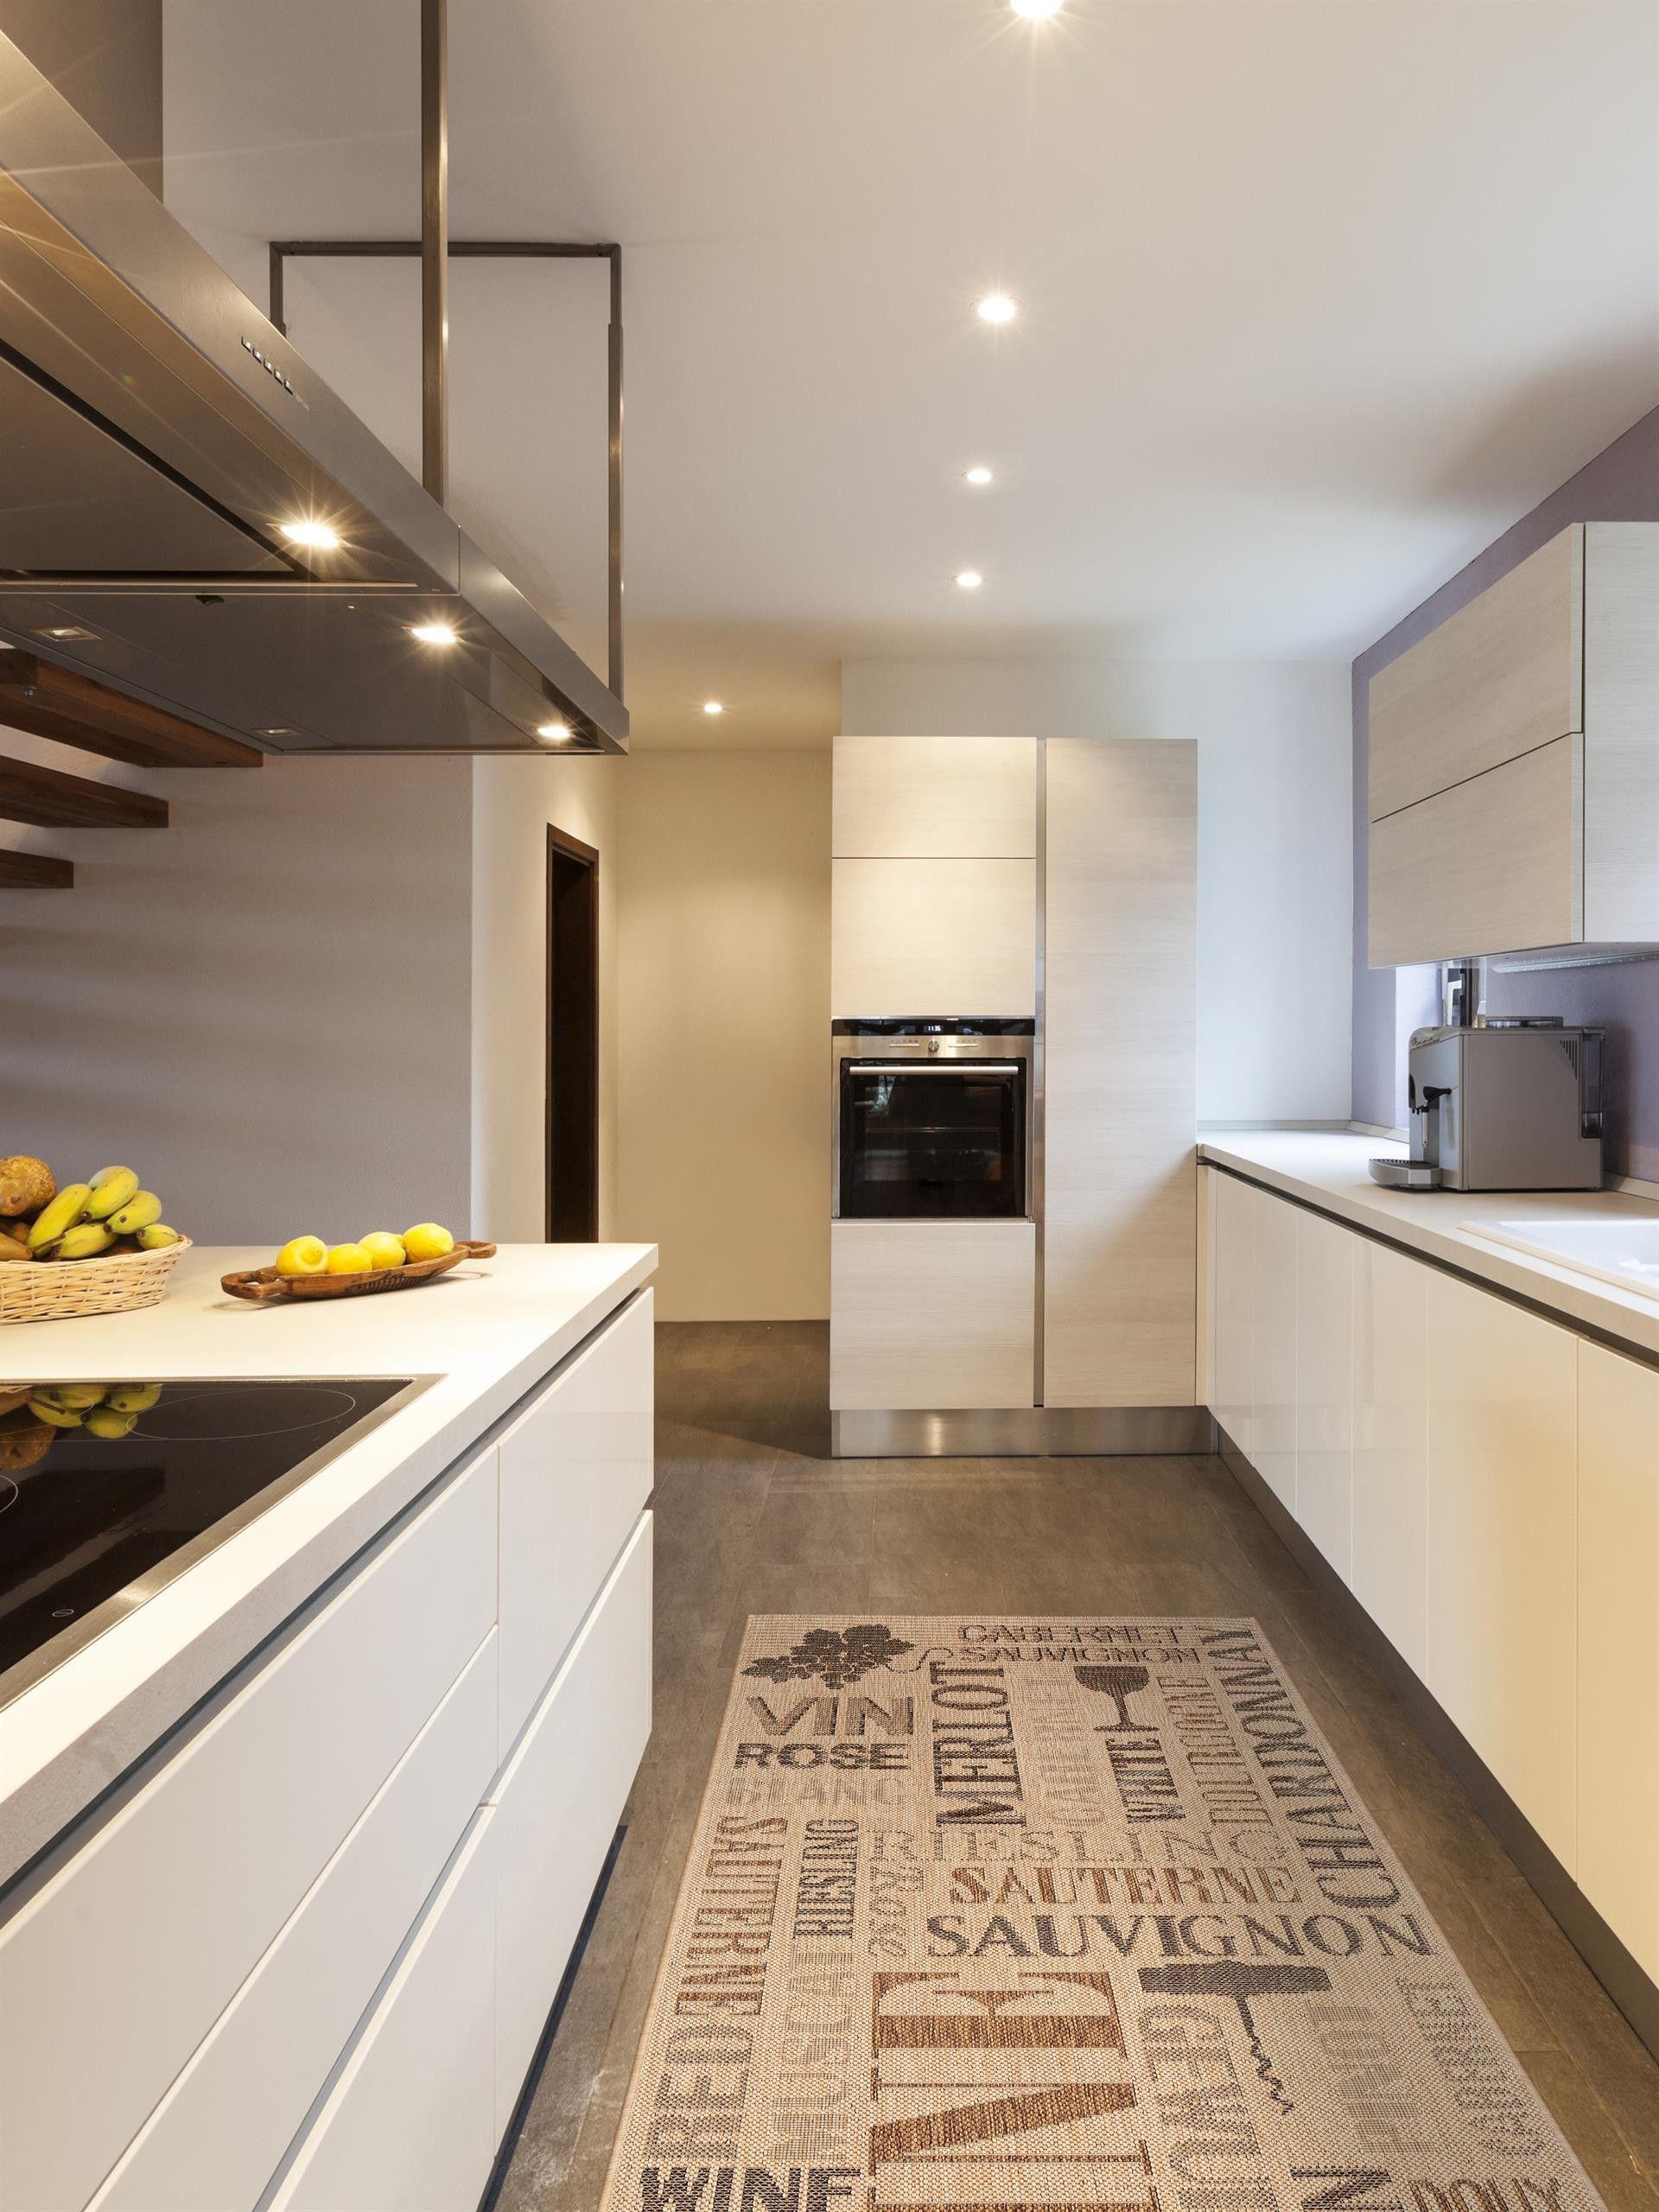 Full Size of Küchenläufer Ikea Kchenlufer Kitchen Beige In 2020 Kchen Design Modulküche Küche Kosten Sofa Mit Schlaffunktion Miniküche Kaufen Betten Bei 160x200 Wohnzimmer Küchenläufer Ikea